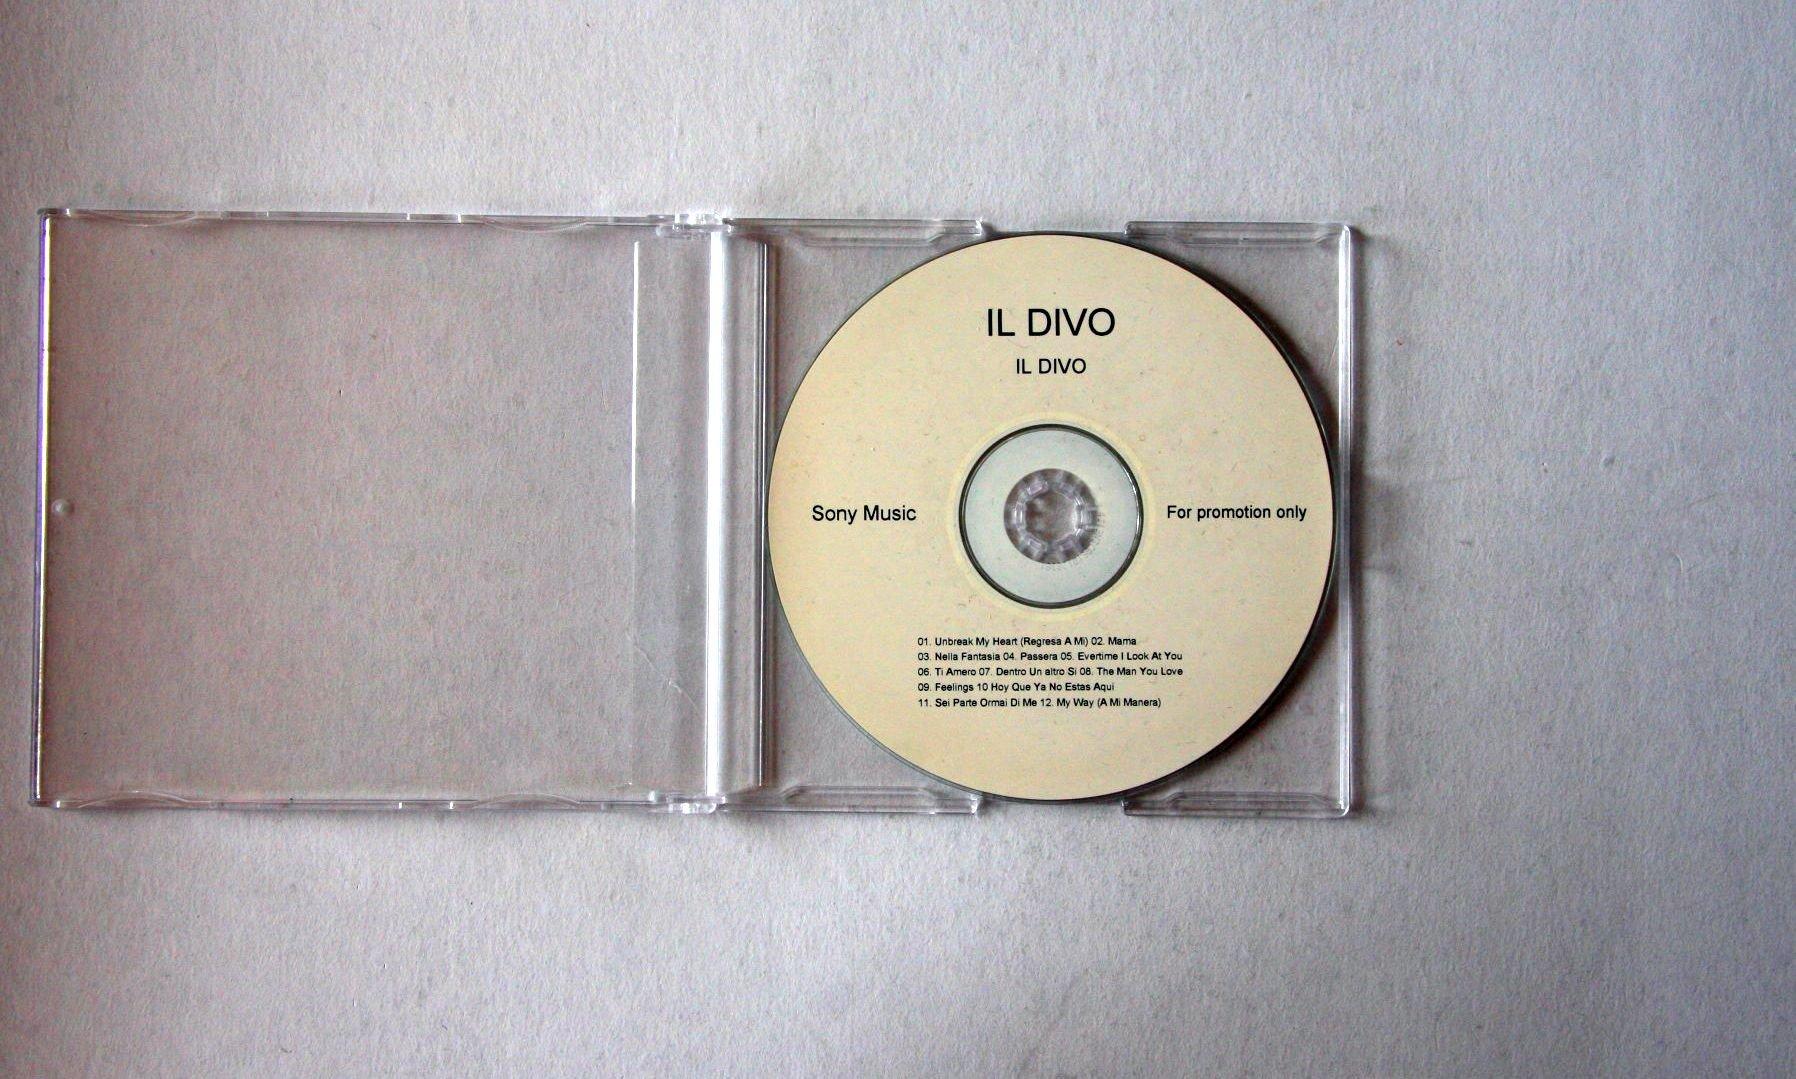 Il Divo Il Divo Records, LPs, Vinyl and CDs - MusicStack